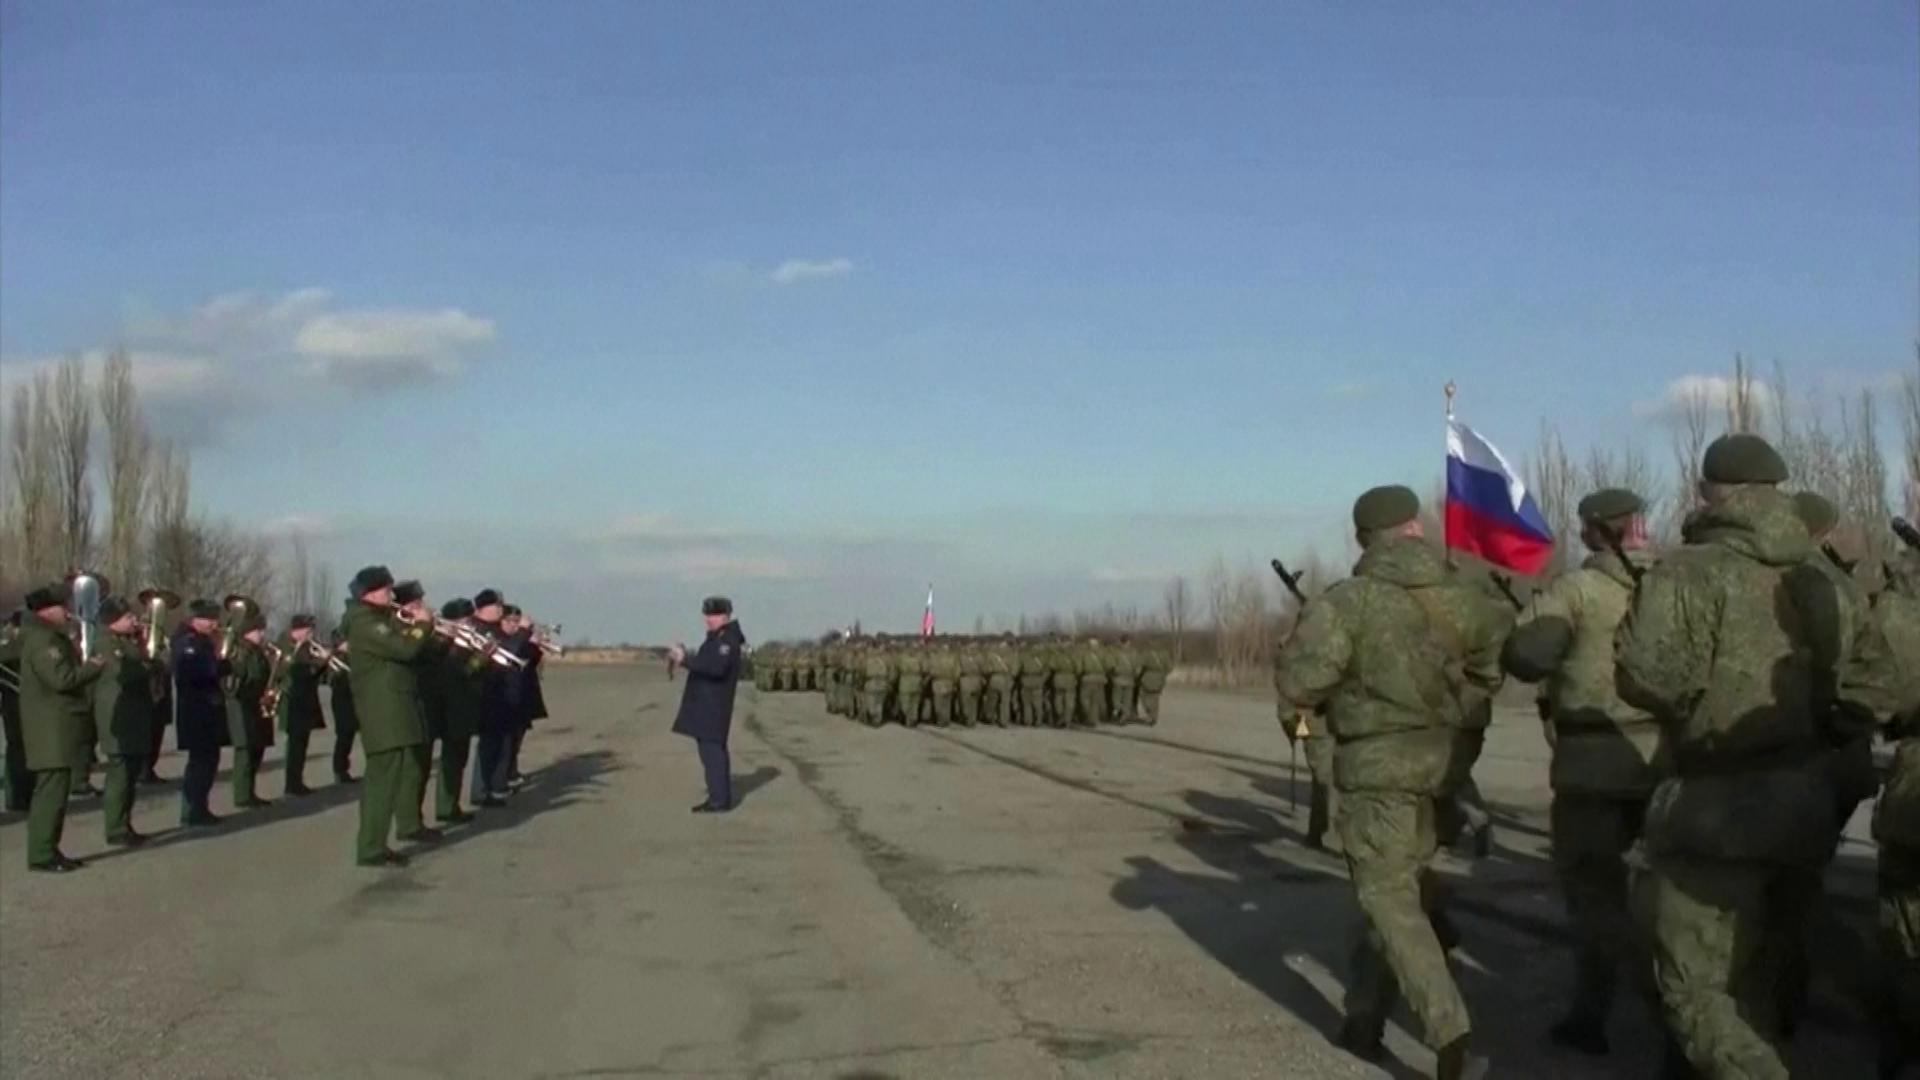 Unidades militares russas fazem exercícios perto da fronteira com a Ucrânia